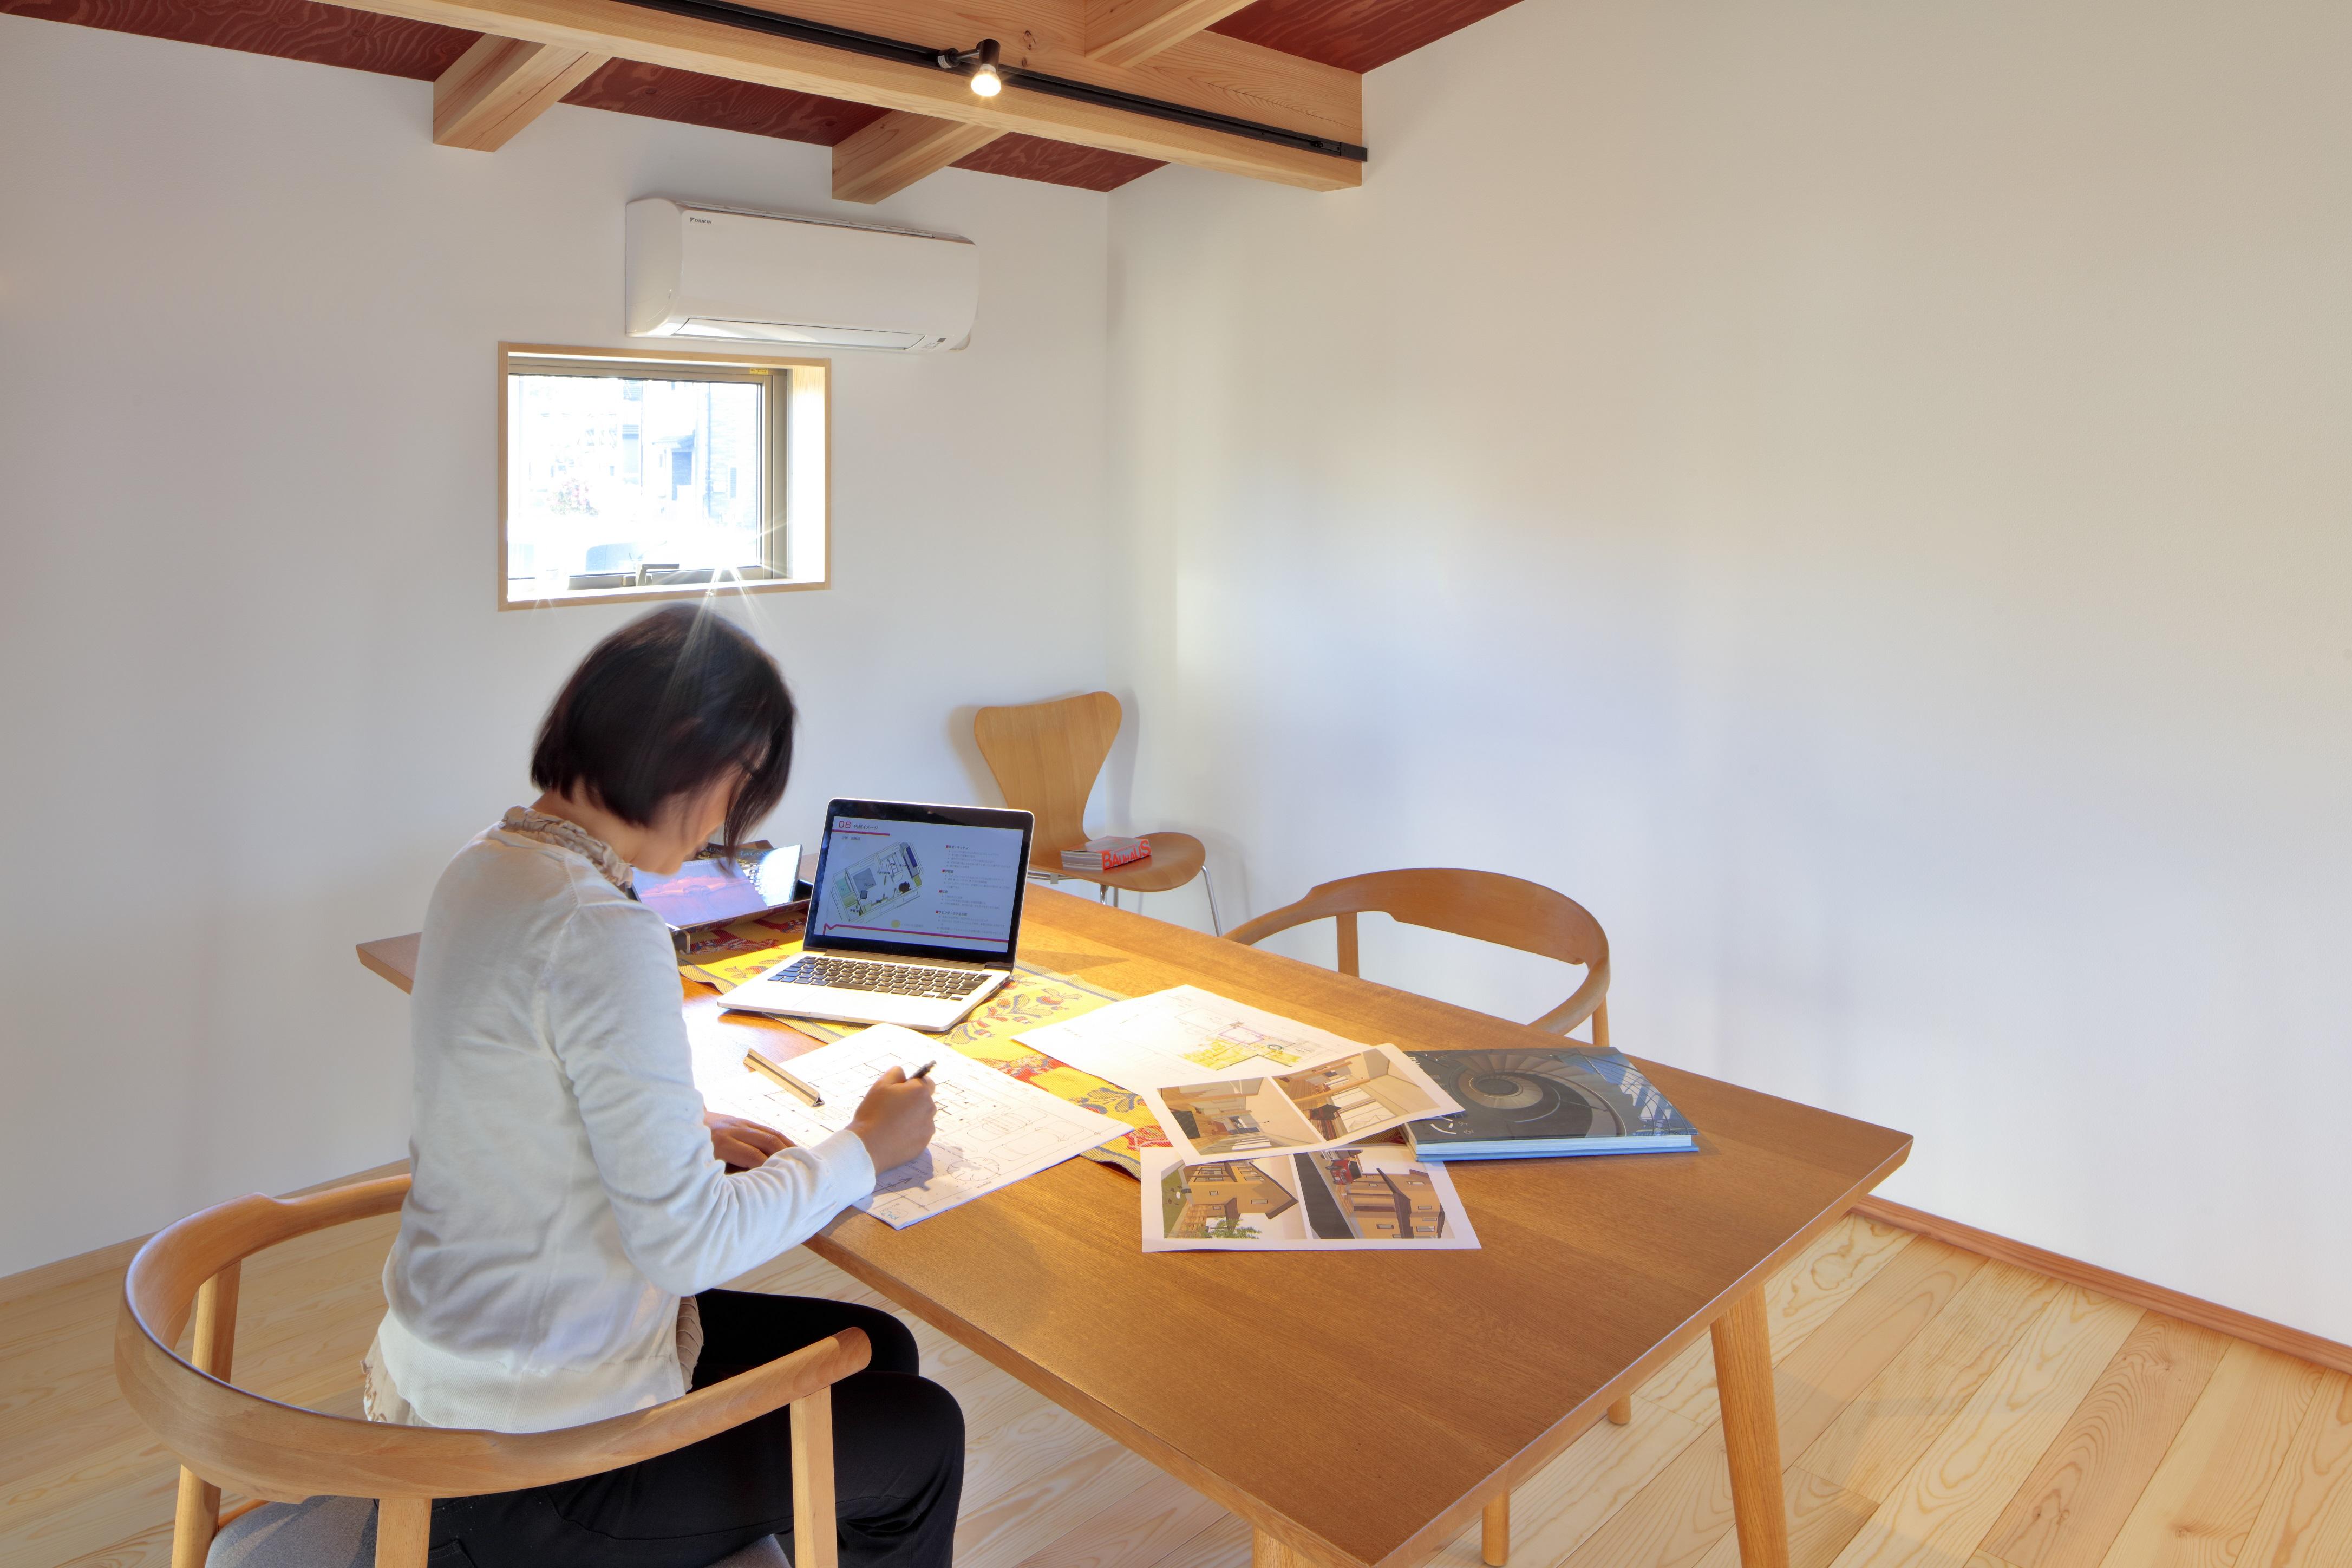 浜松市にある建築設計事務所のブログ|まりこ建築デザイン株式会社